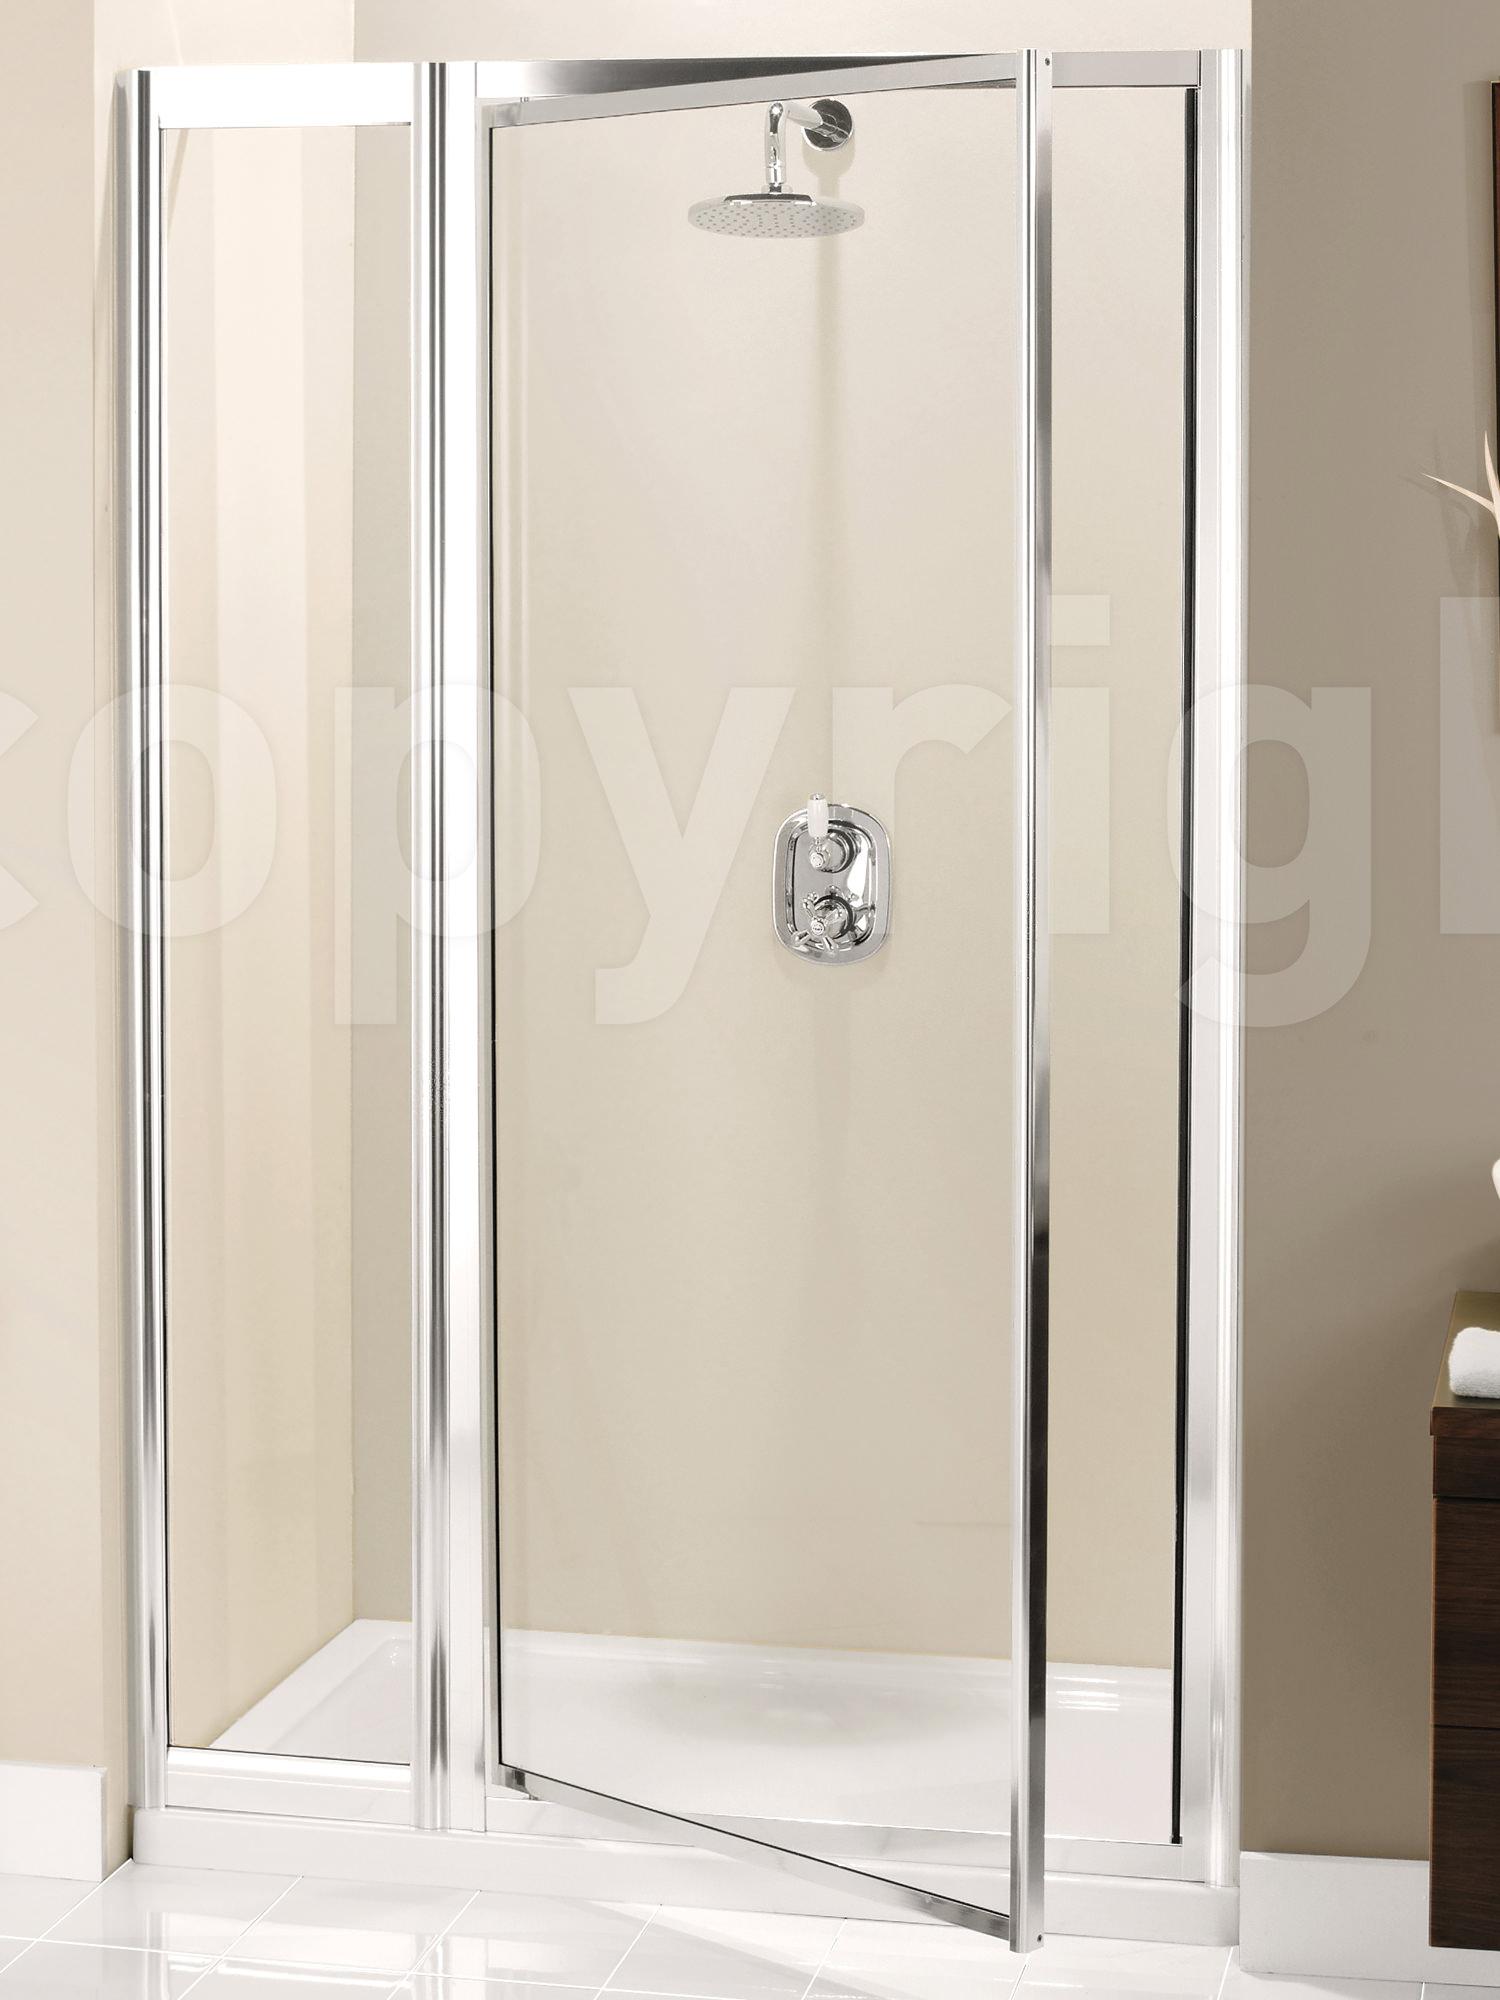 & Simpsons Supreme 1100mm Pivot Shower Door With Inline Panel